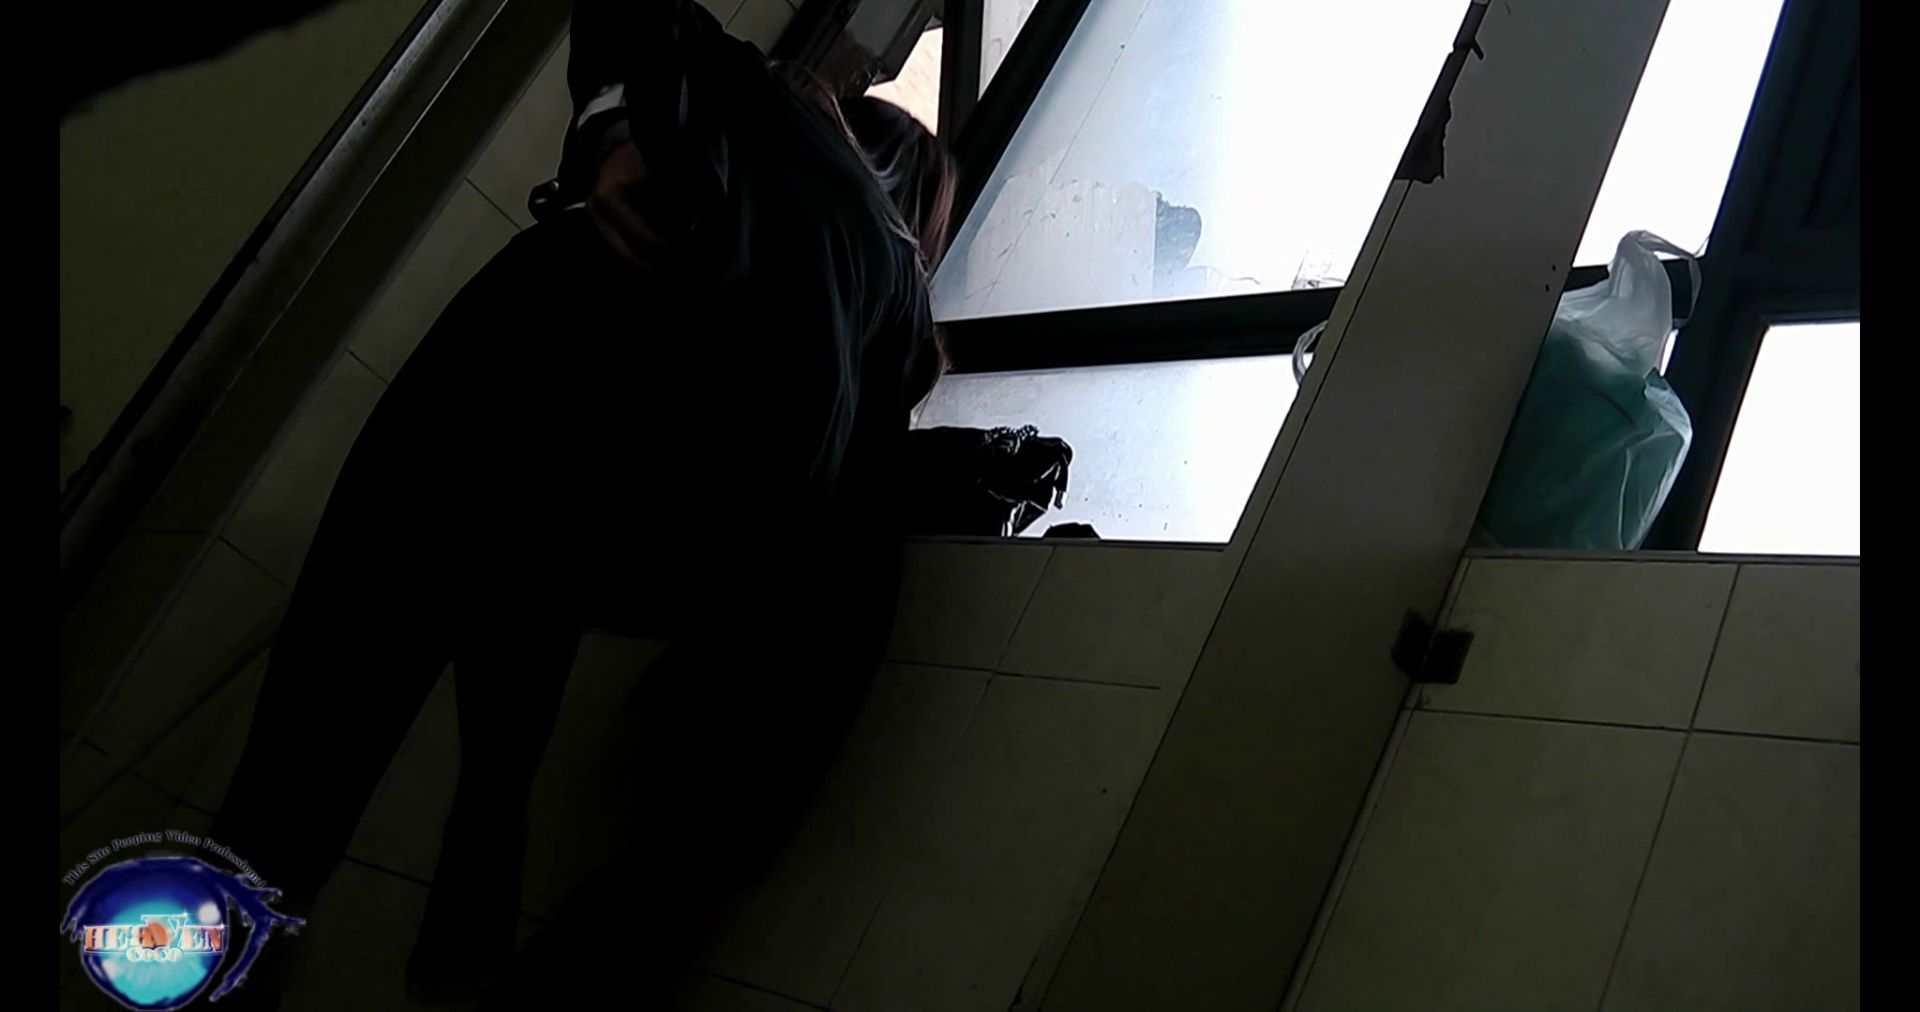 世界の射窓から~ステーション編~vol.34 無料動画のモデルつい本番登場Ⅱやっぱり違います モデルのエロ生活 覗きおまんこ画像 96連発 41